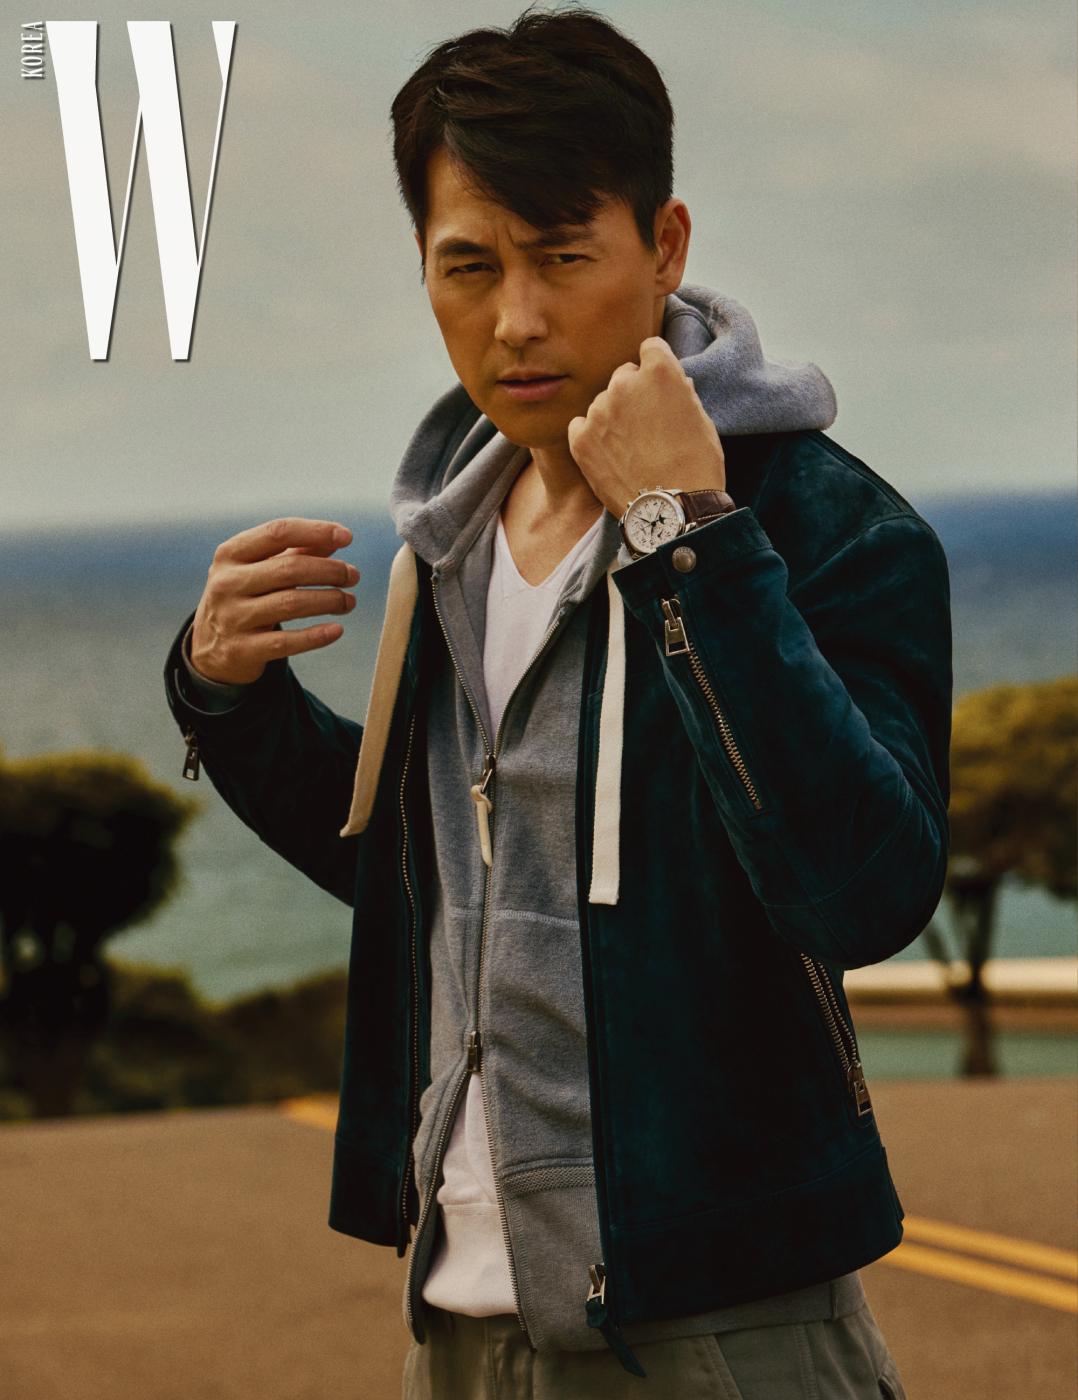 오토매틱 시계로 아라비아 숫자 인덱스와 섬세한 파란색 스틸 핸즈가 인상적인 '마스터 컬렉션' 시계는 Longines 제품. 스웨이드 재킷, 후드 재킷, 티셔츠, 팬츠는 모두 Tom Ford 제품.